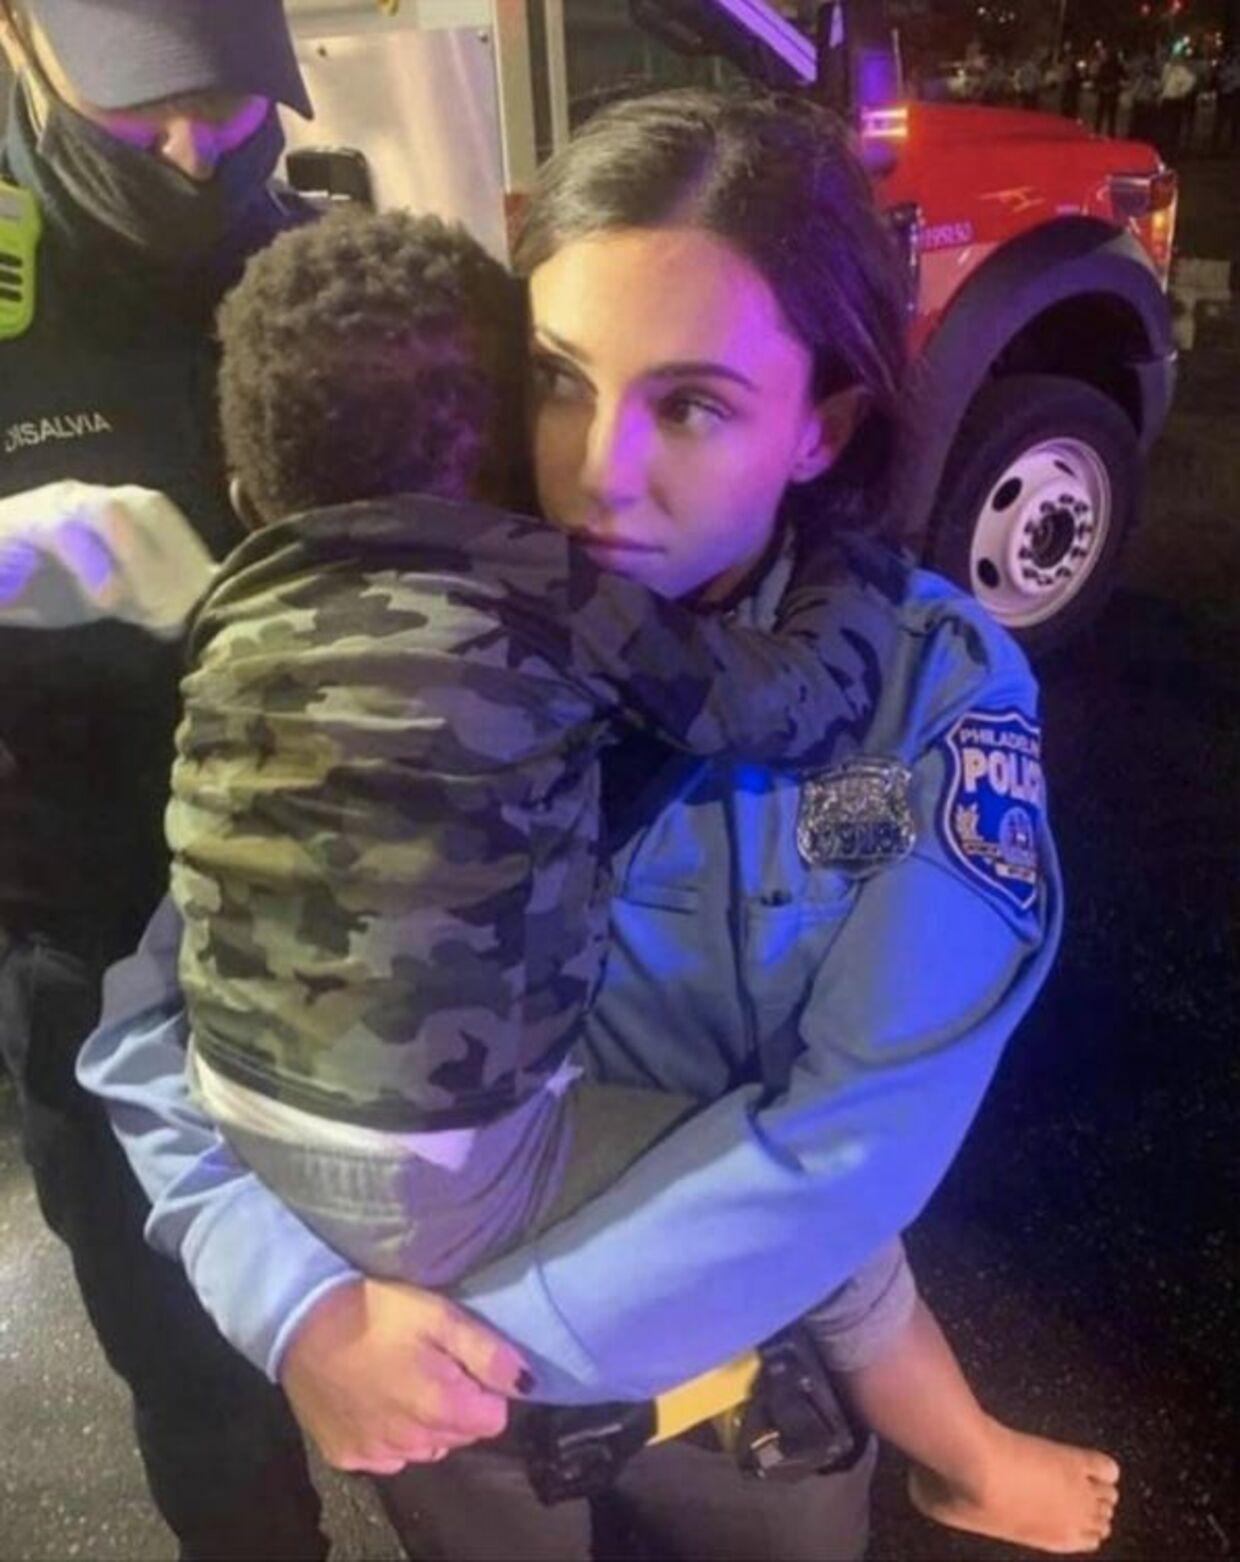 Sådan så billedet af betjenten og Rickia Youngs søn ud.